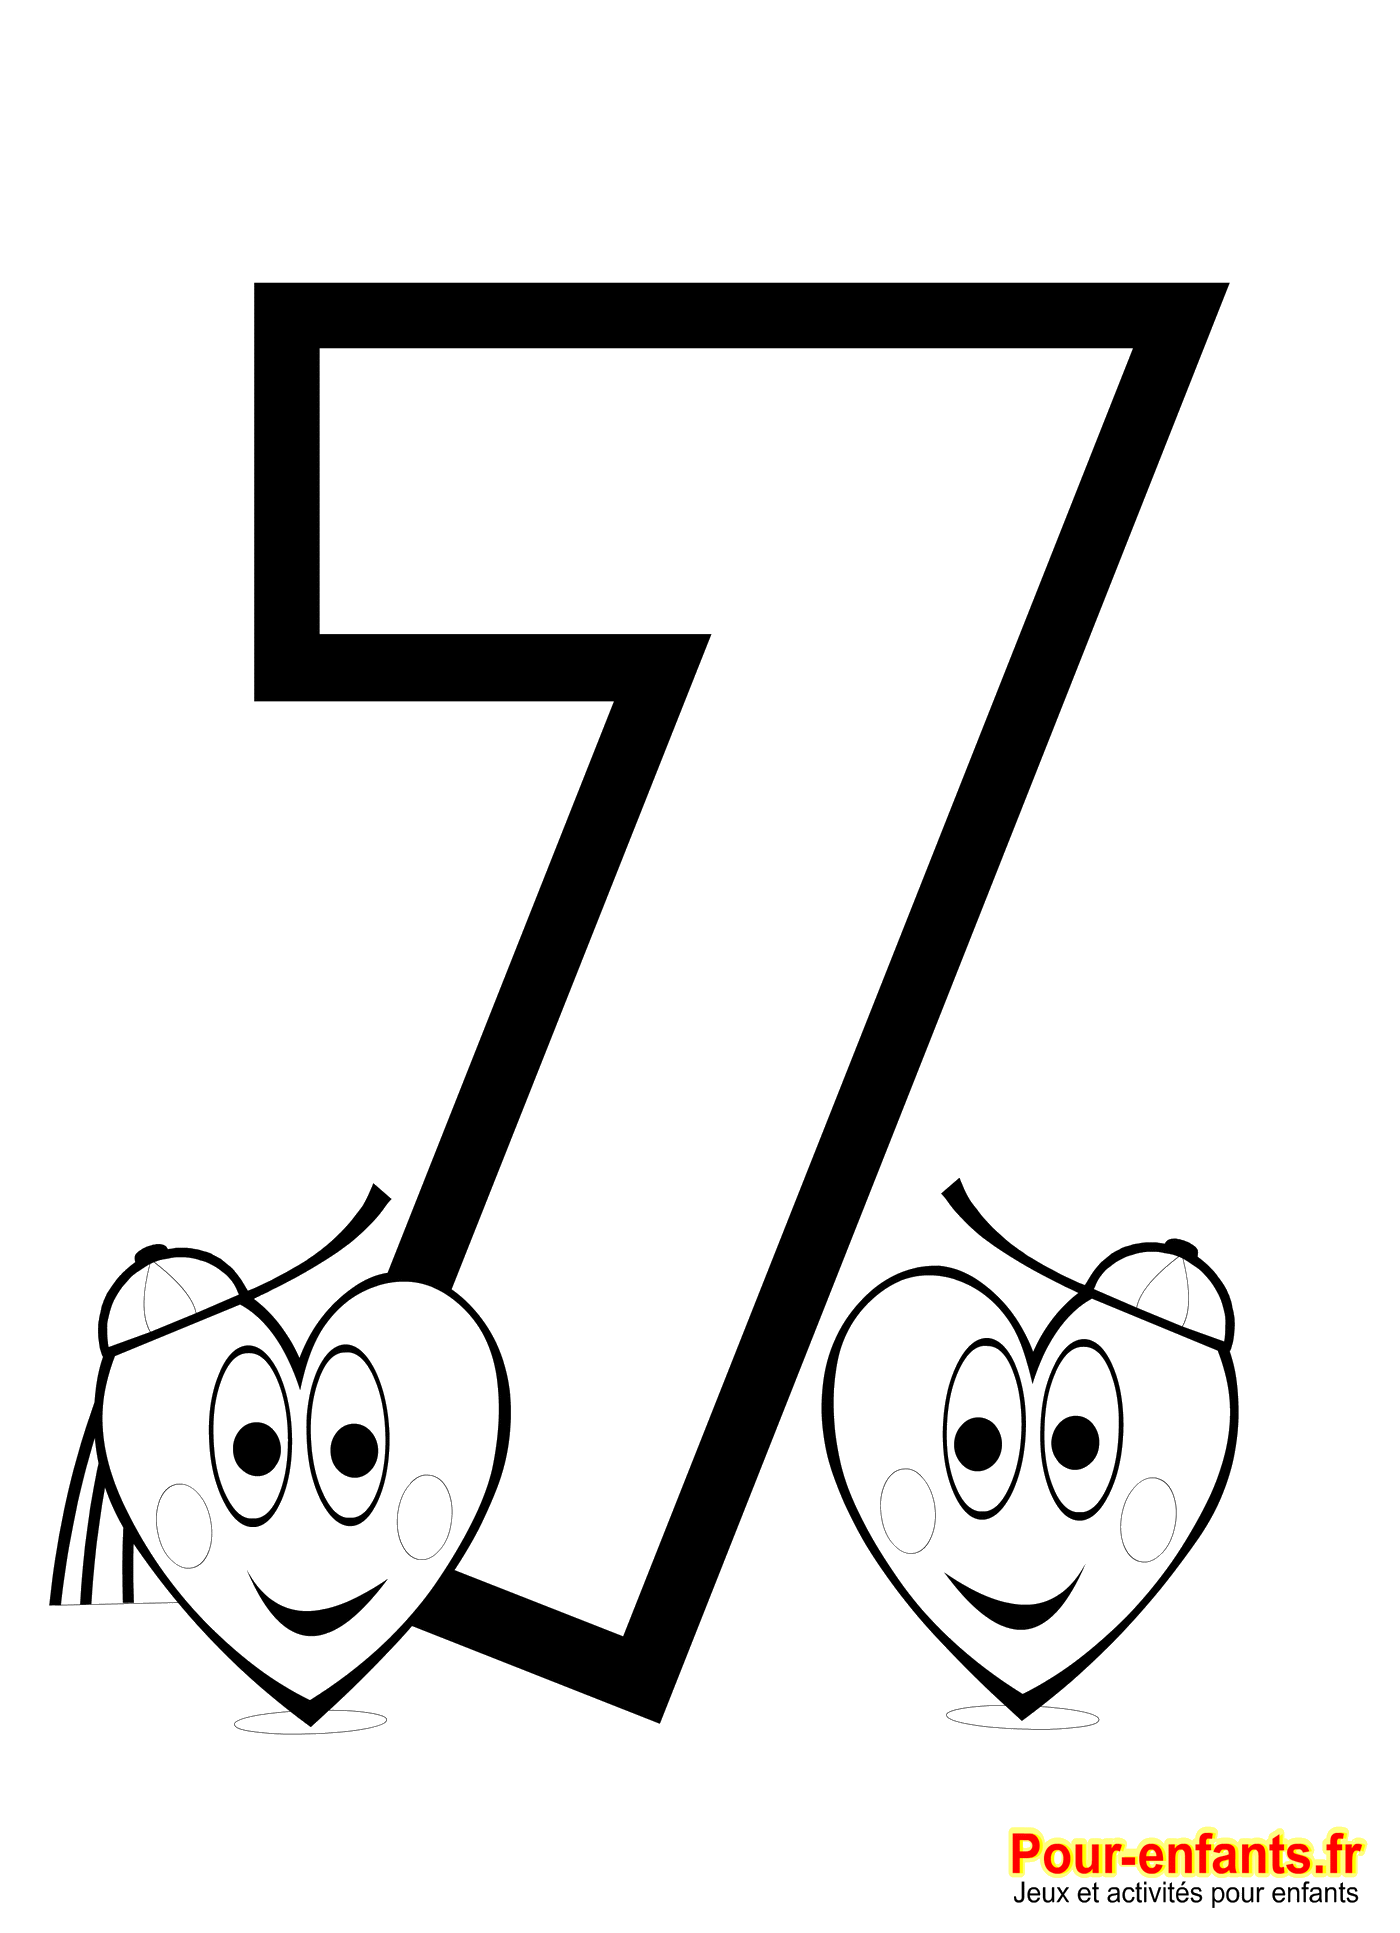 Coloriage chiffre 7 imprimer nombre 7 chiffres sept grand format activit s a colorier - Coloriage chiffres a imprimer ...